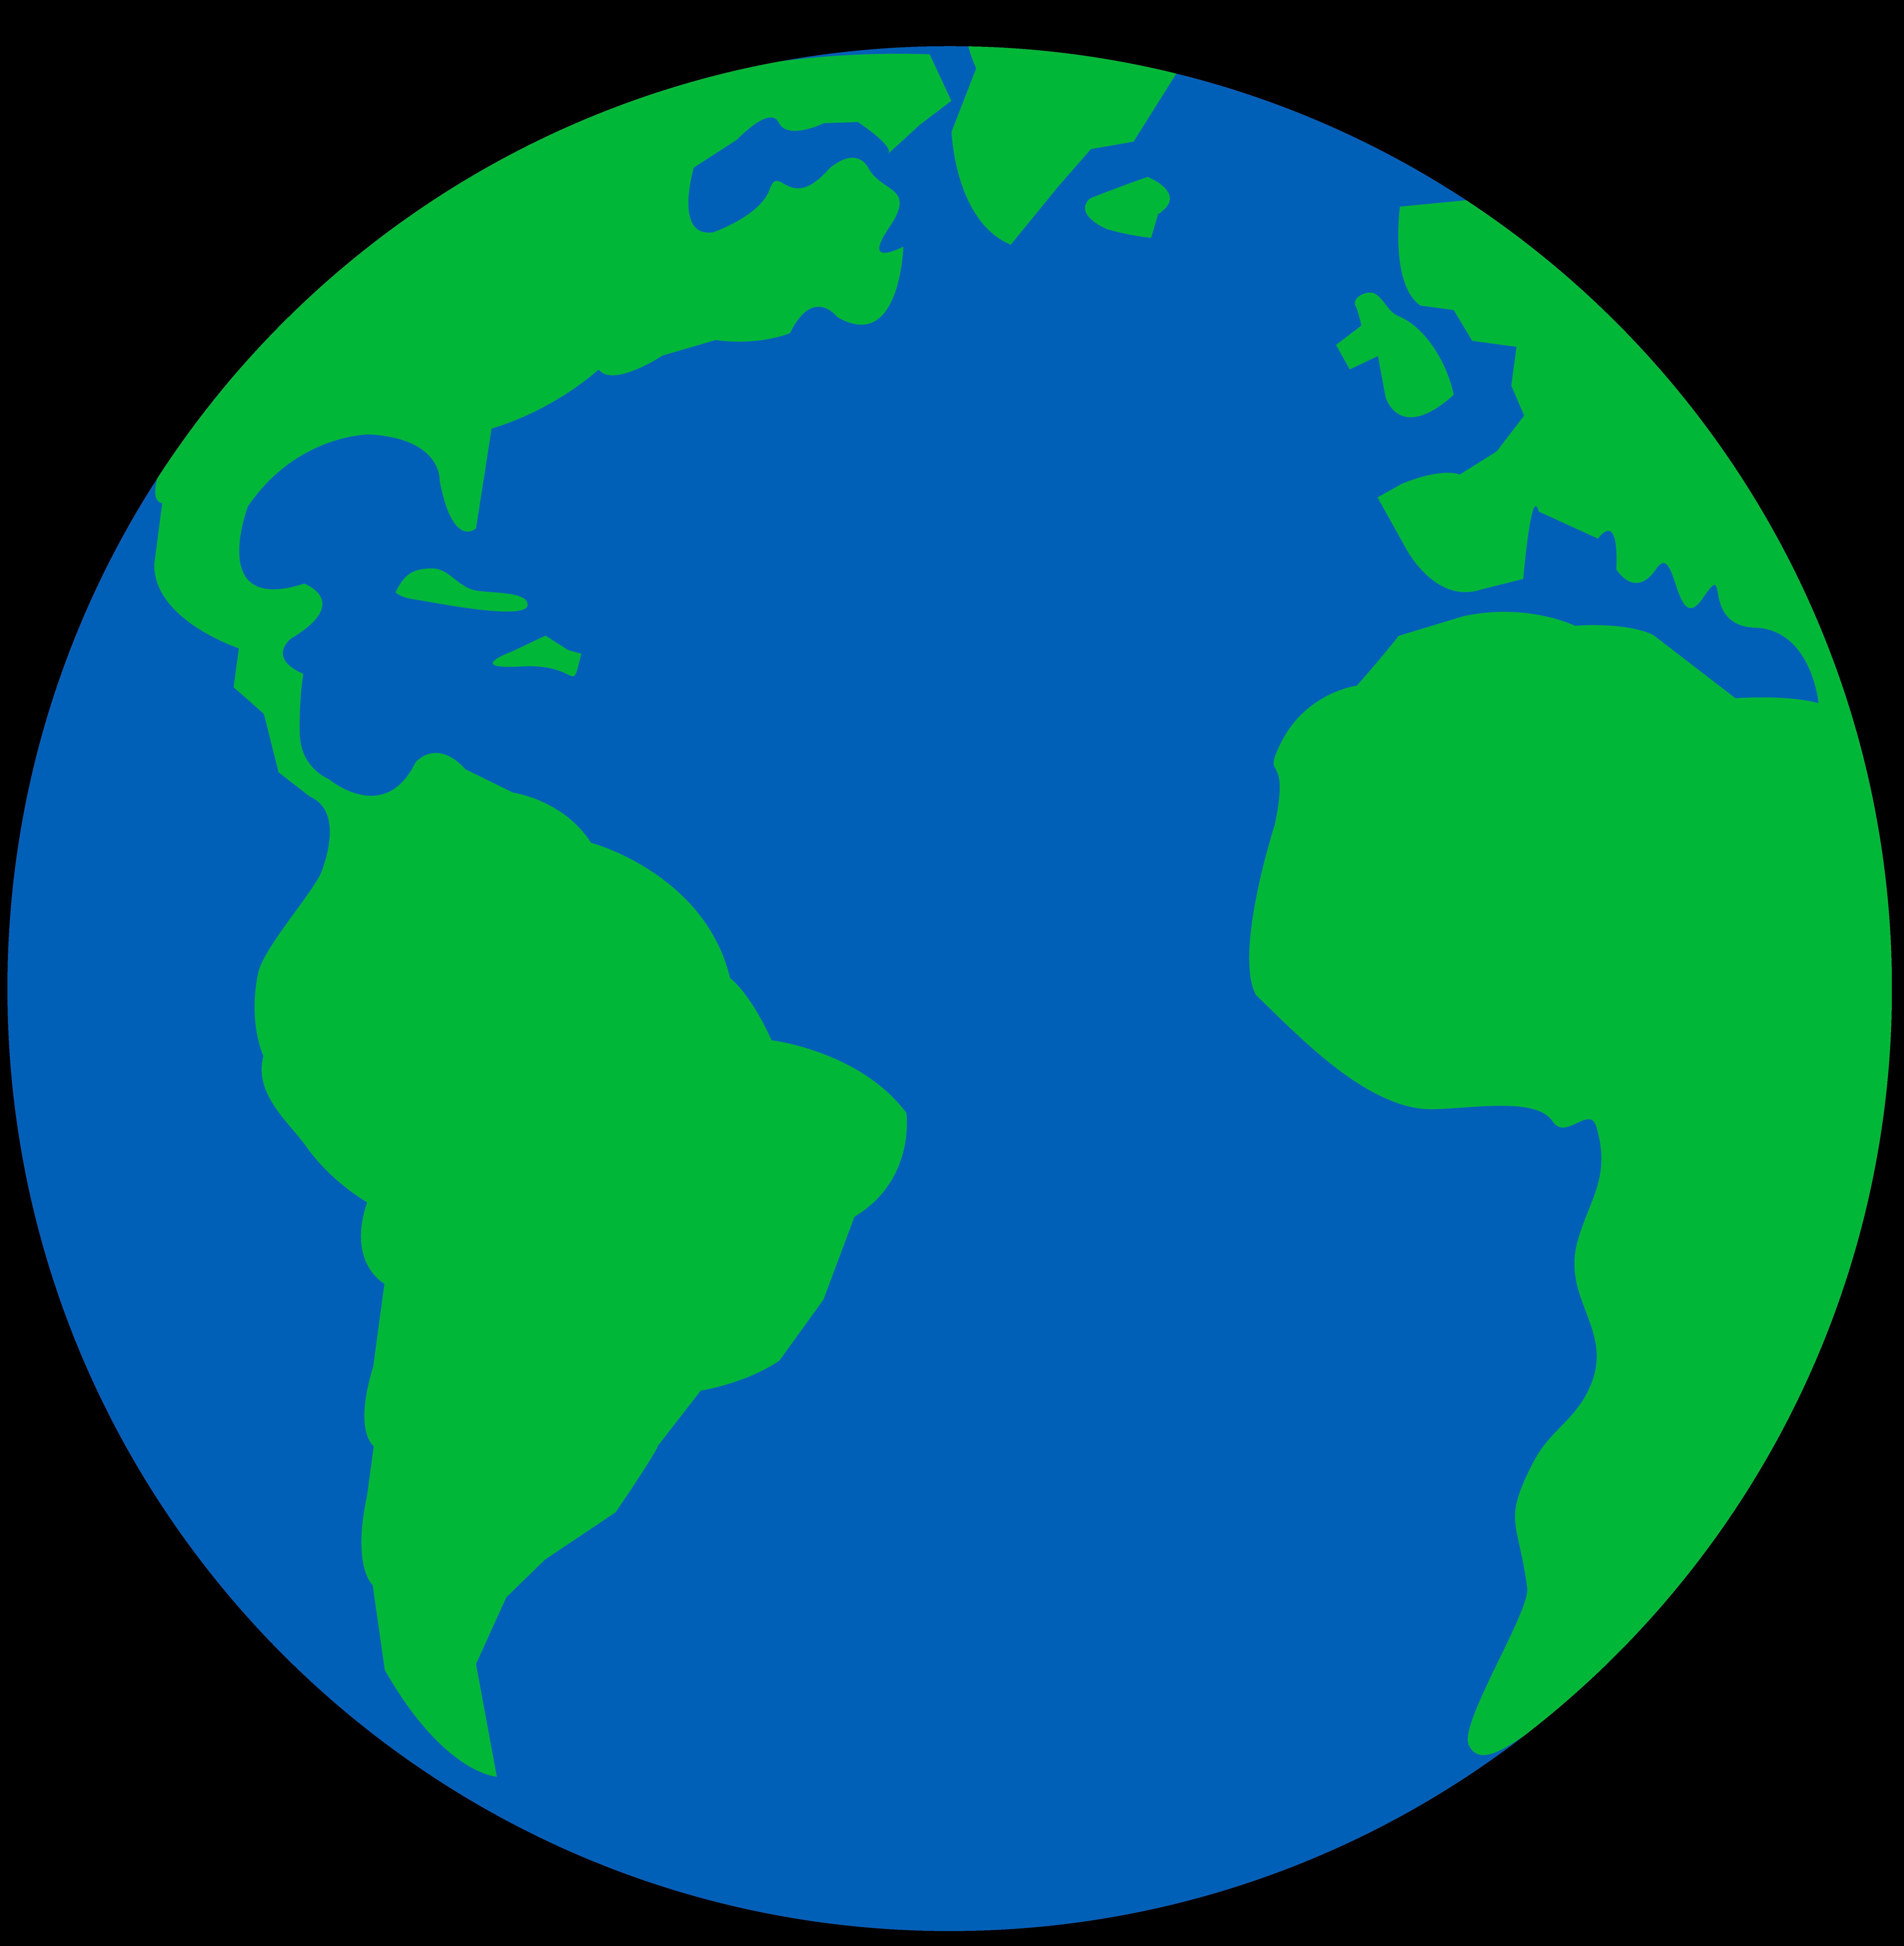 7647x7814 Easy Globe Cliparts